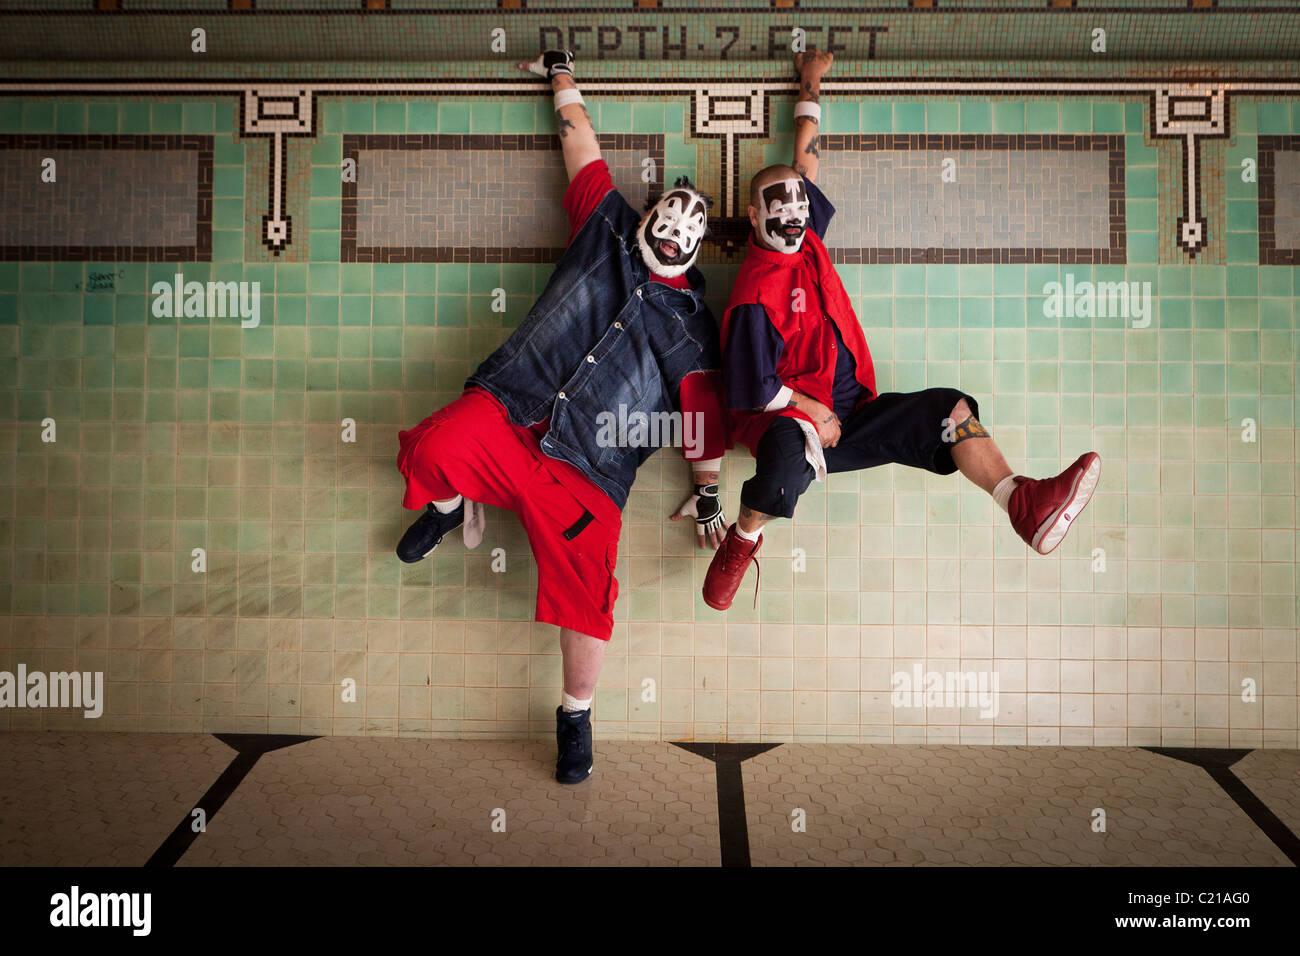 Gewalttätige J und Shaggy 2 Schmiere von Insane Clown Posse posieren für Fotos vor einem Konzert in Milwaukee, Stockbild